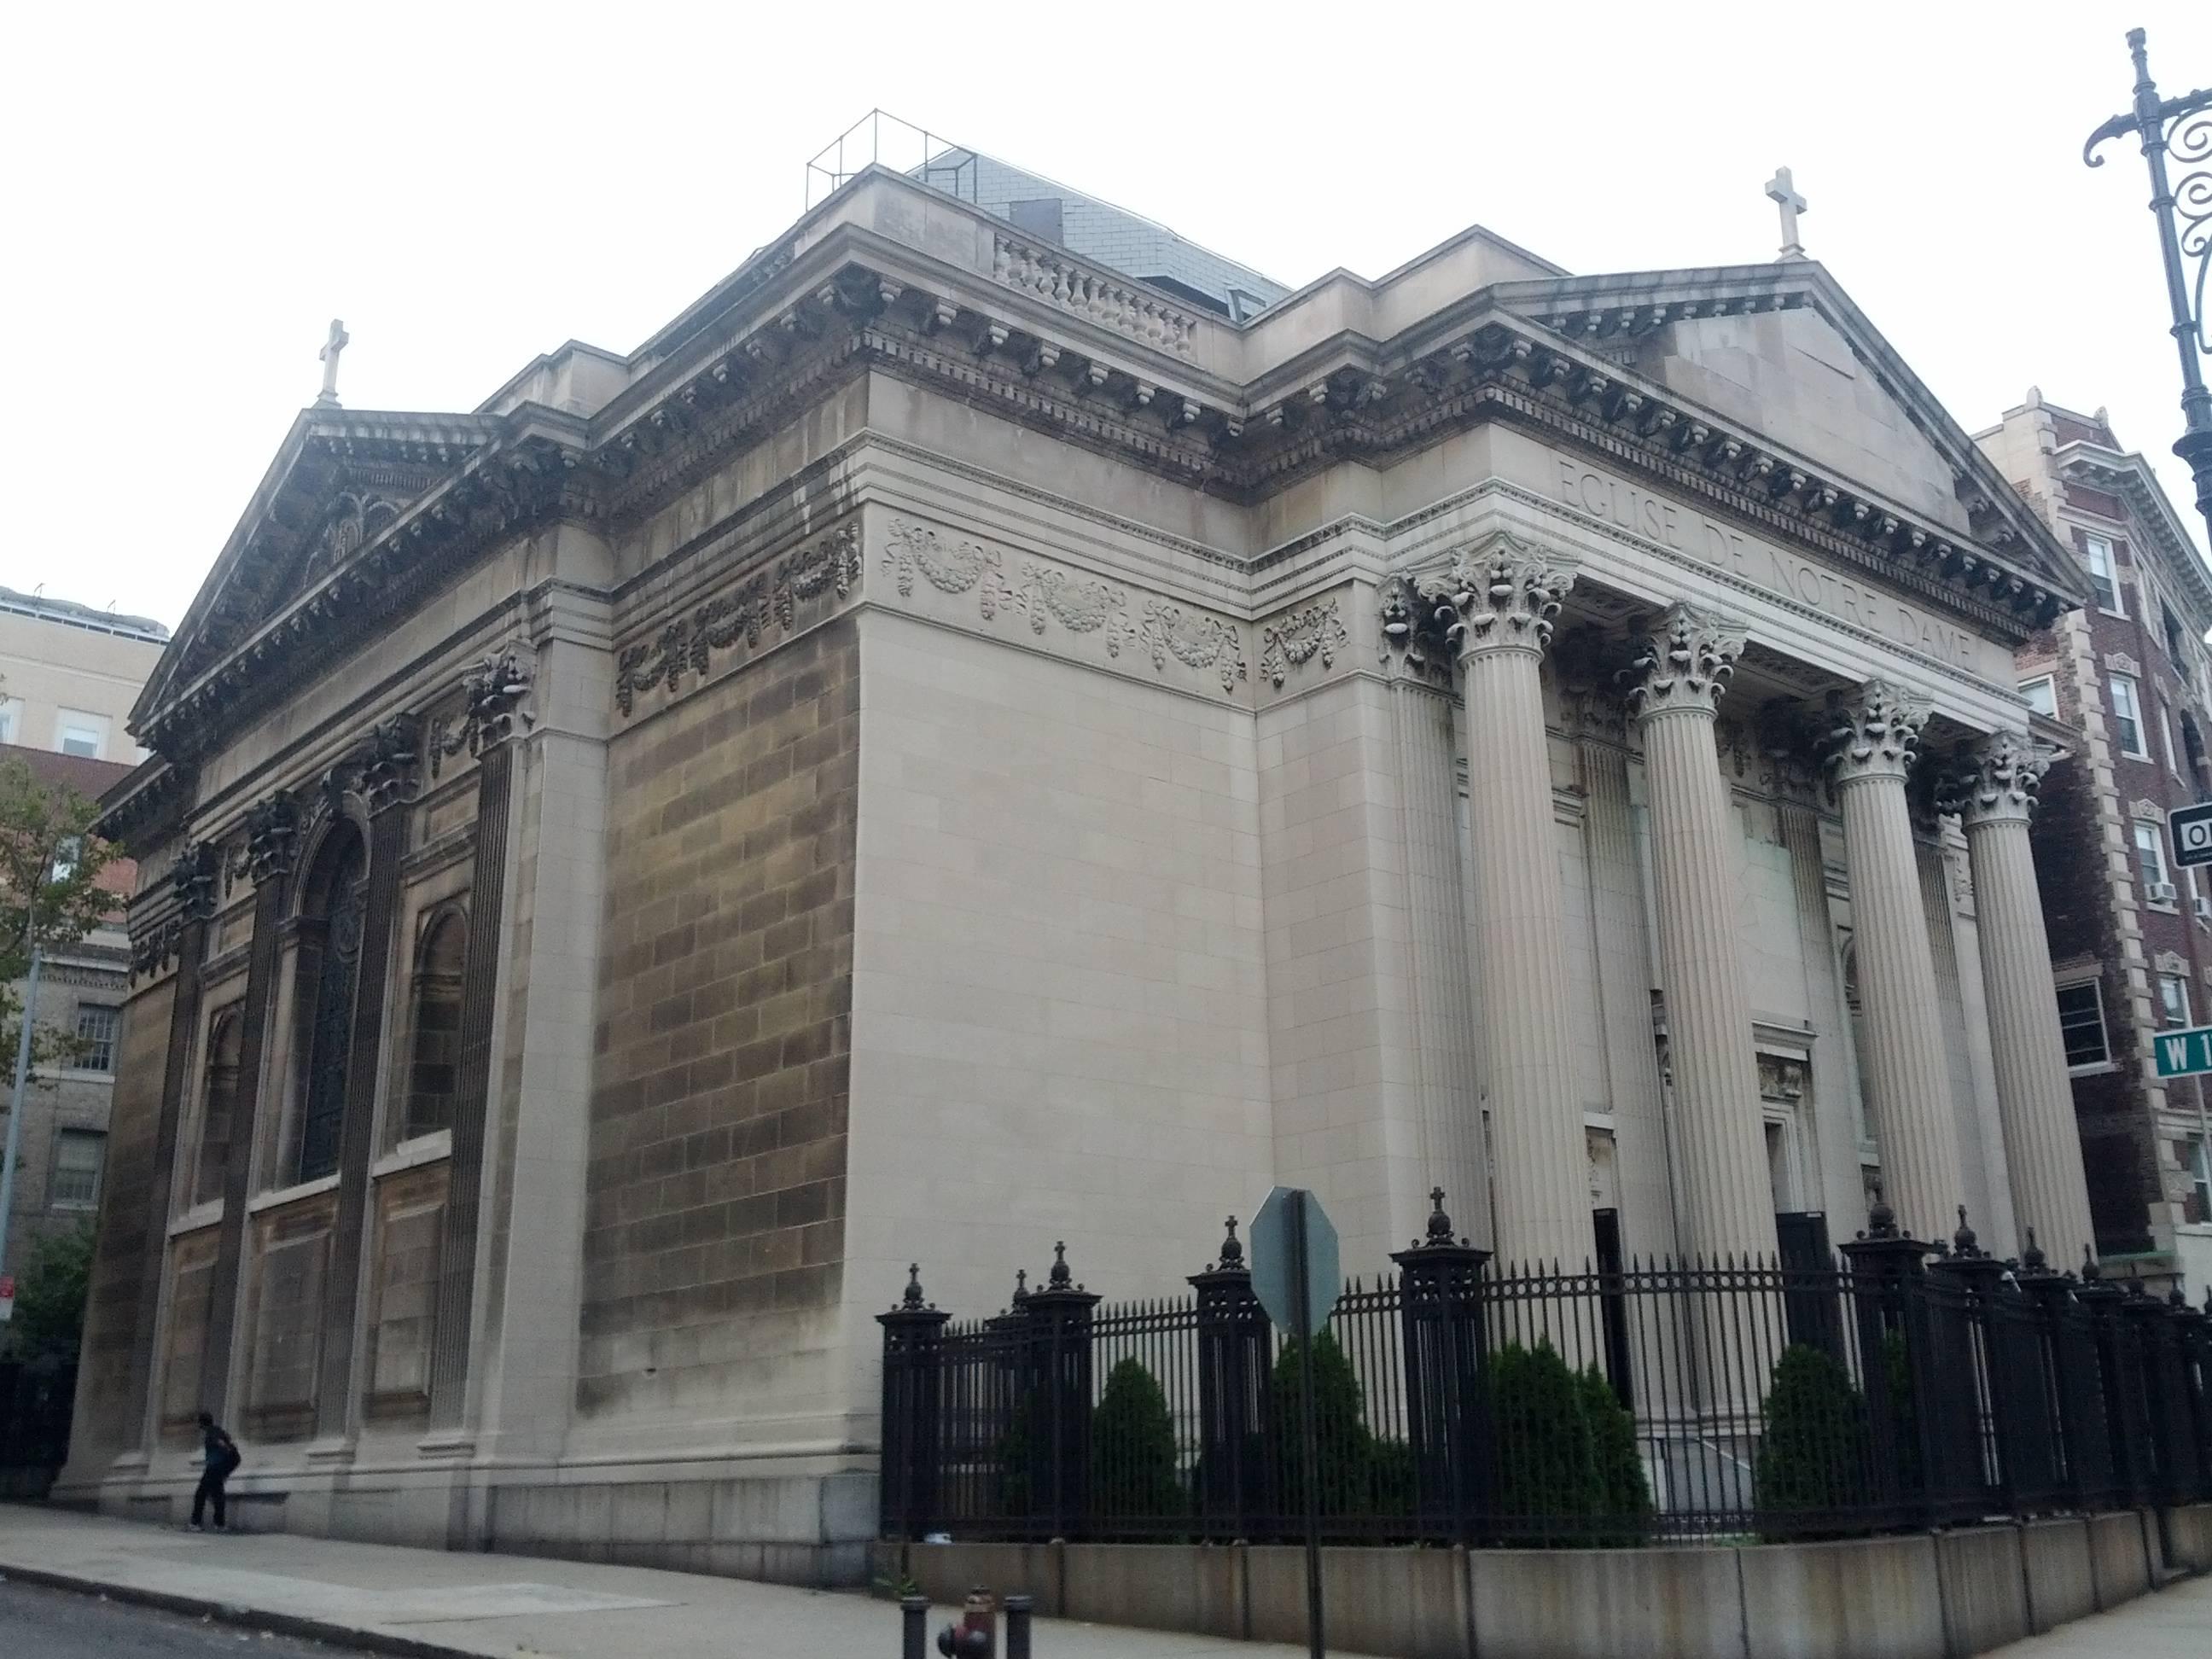 Chiesa di Notre Dame a New York (EEUU)